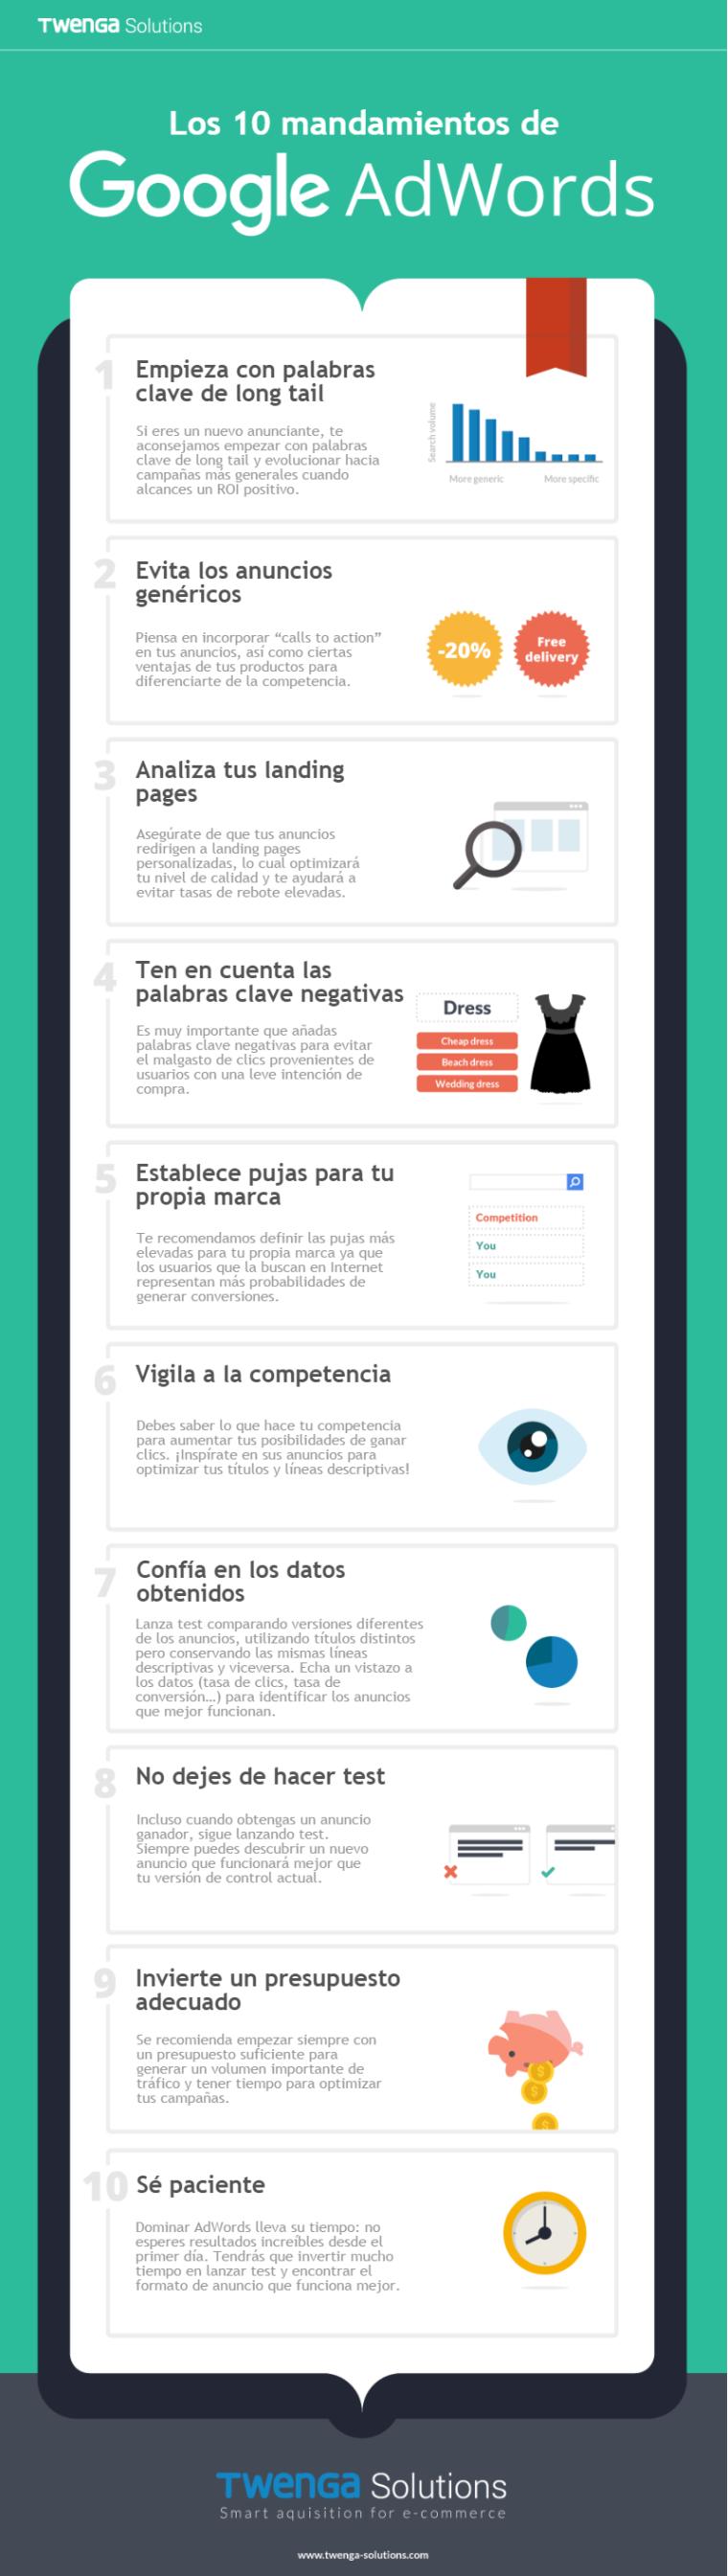 infografía-10-mandamientos-google-adwords_1